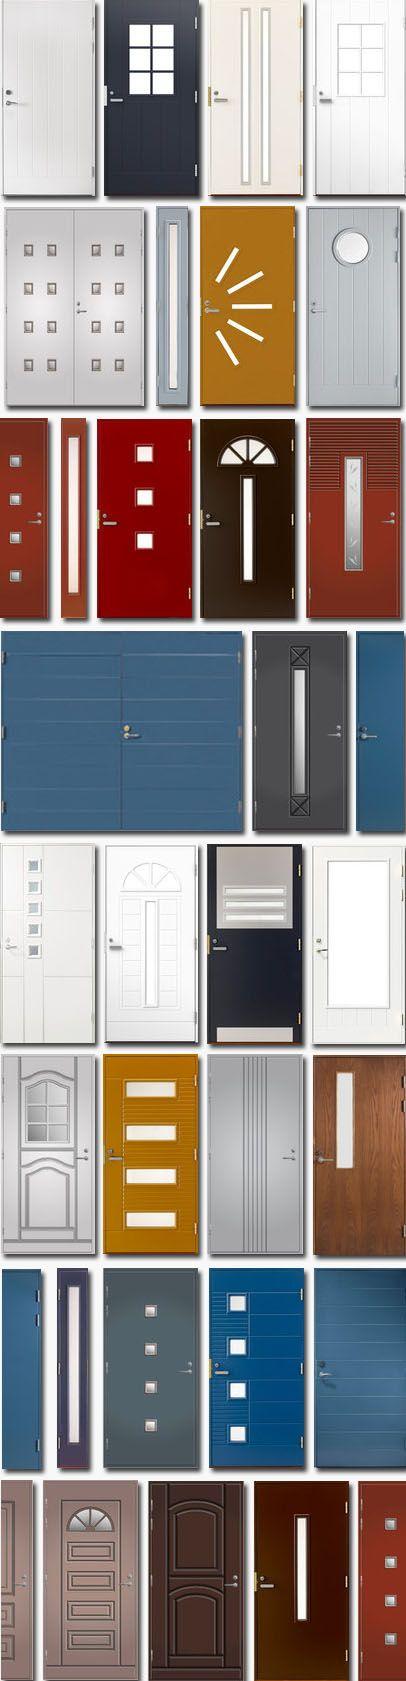 Runsaaseen Taloon.comin ovivalikoimaan kannattaa tutustua! Ulko-ovissa juuri mikään ei rajoita oven ulkonäön valintoja, sillä useita ovimalleja voi tilata mittatilausmitoin, jopa kaikissa värikartan väreissä. Myös kodin sisätiloihin löydät meiltä etsimäsi; lasiovet, väliovet, Elfa-liukuovet, kostean tilan ovet ja ovitarvikkeet.